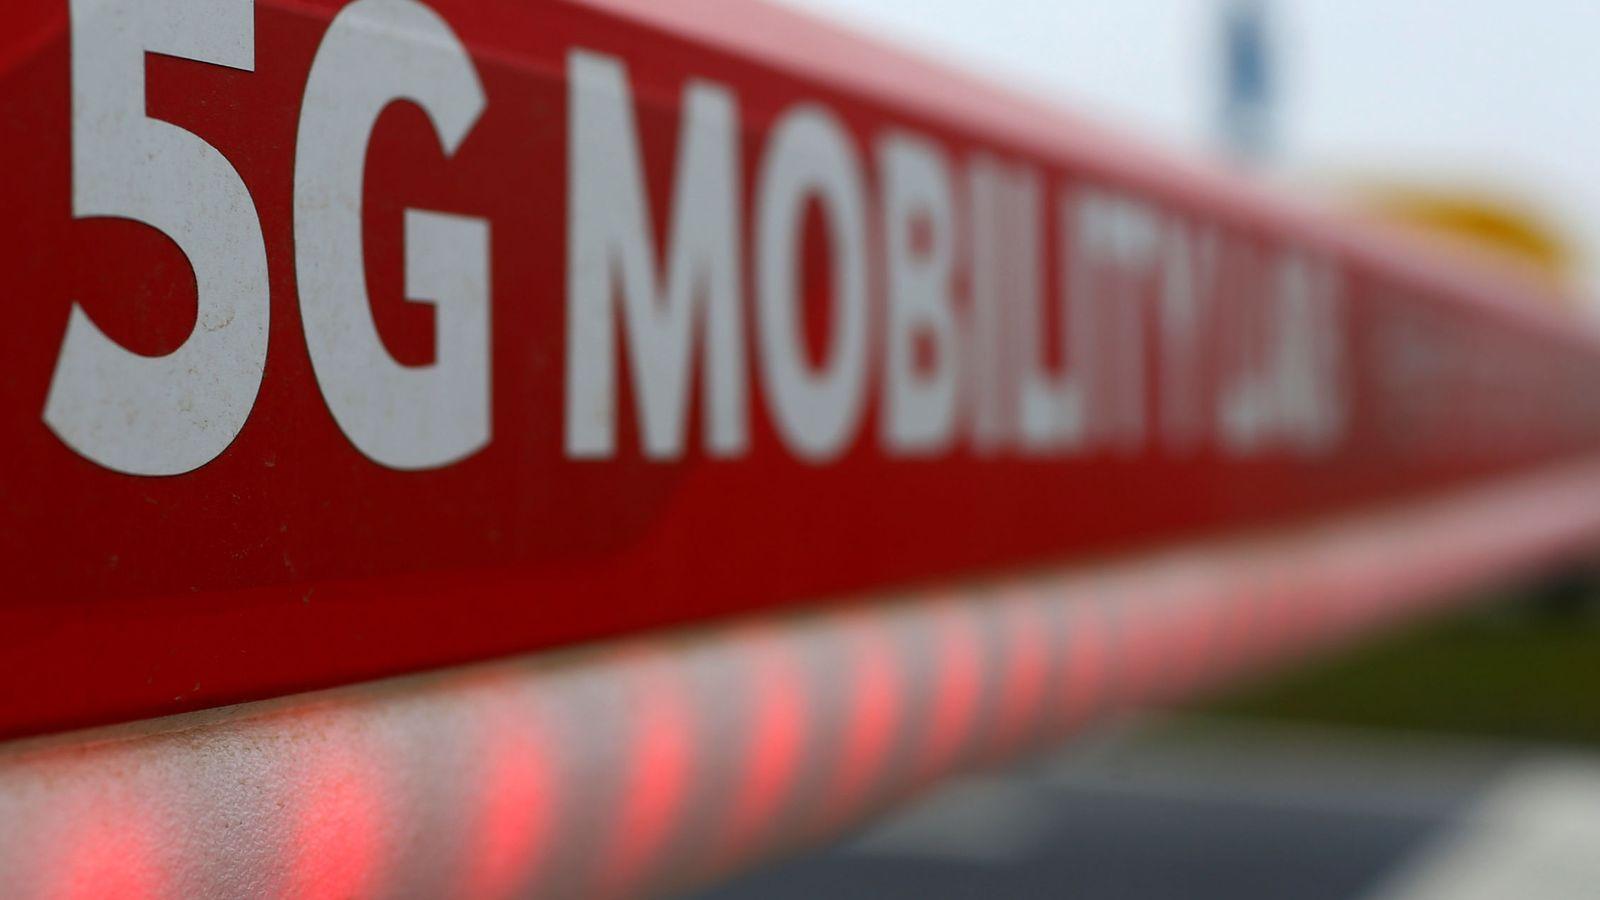 2b8cd1ada18 Vodafone: Telefónica y Vodafone refuerzan su acuerdo en Reino Unido para  compartir 5G